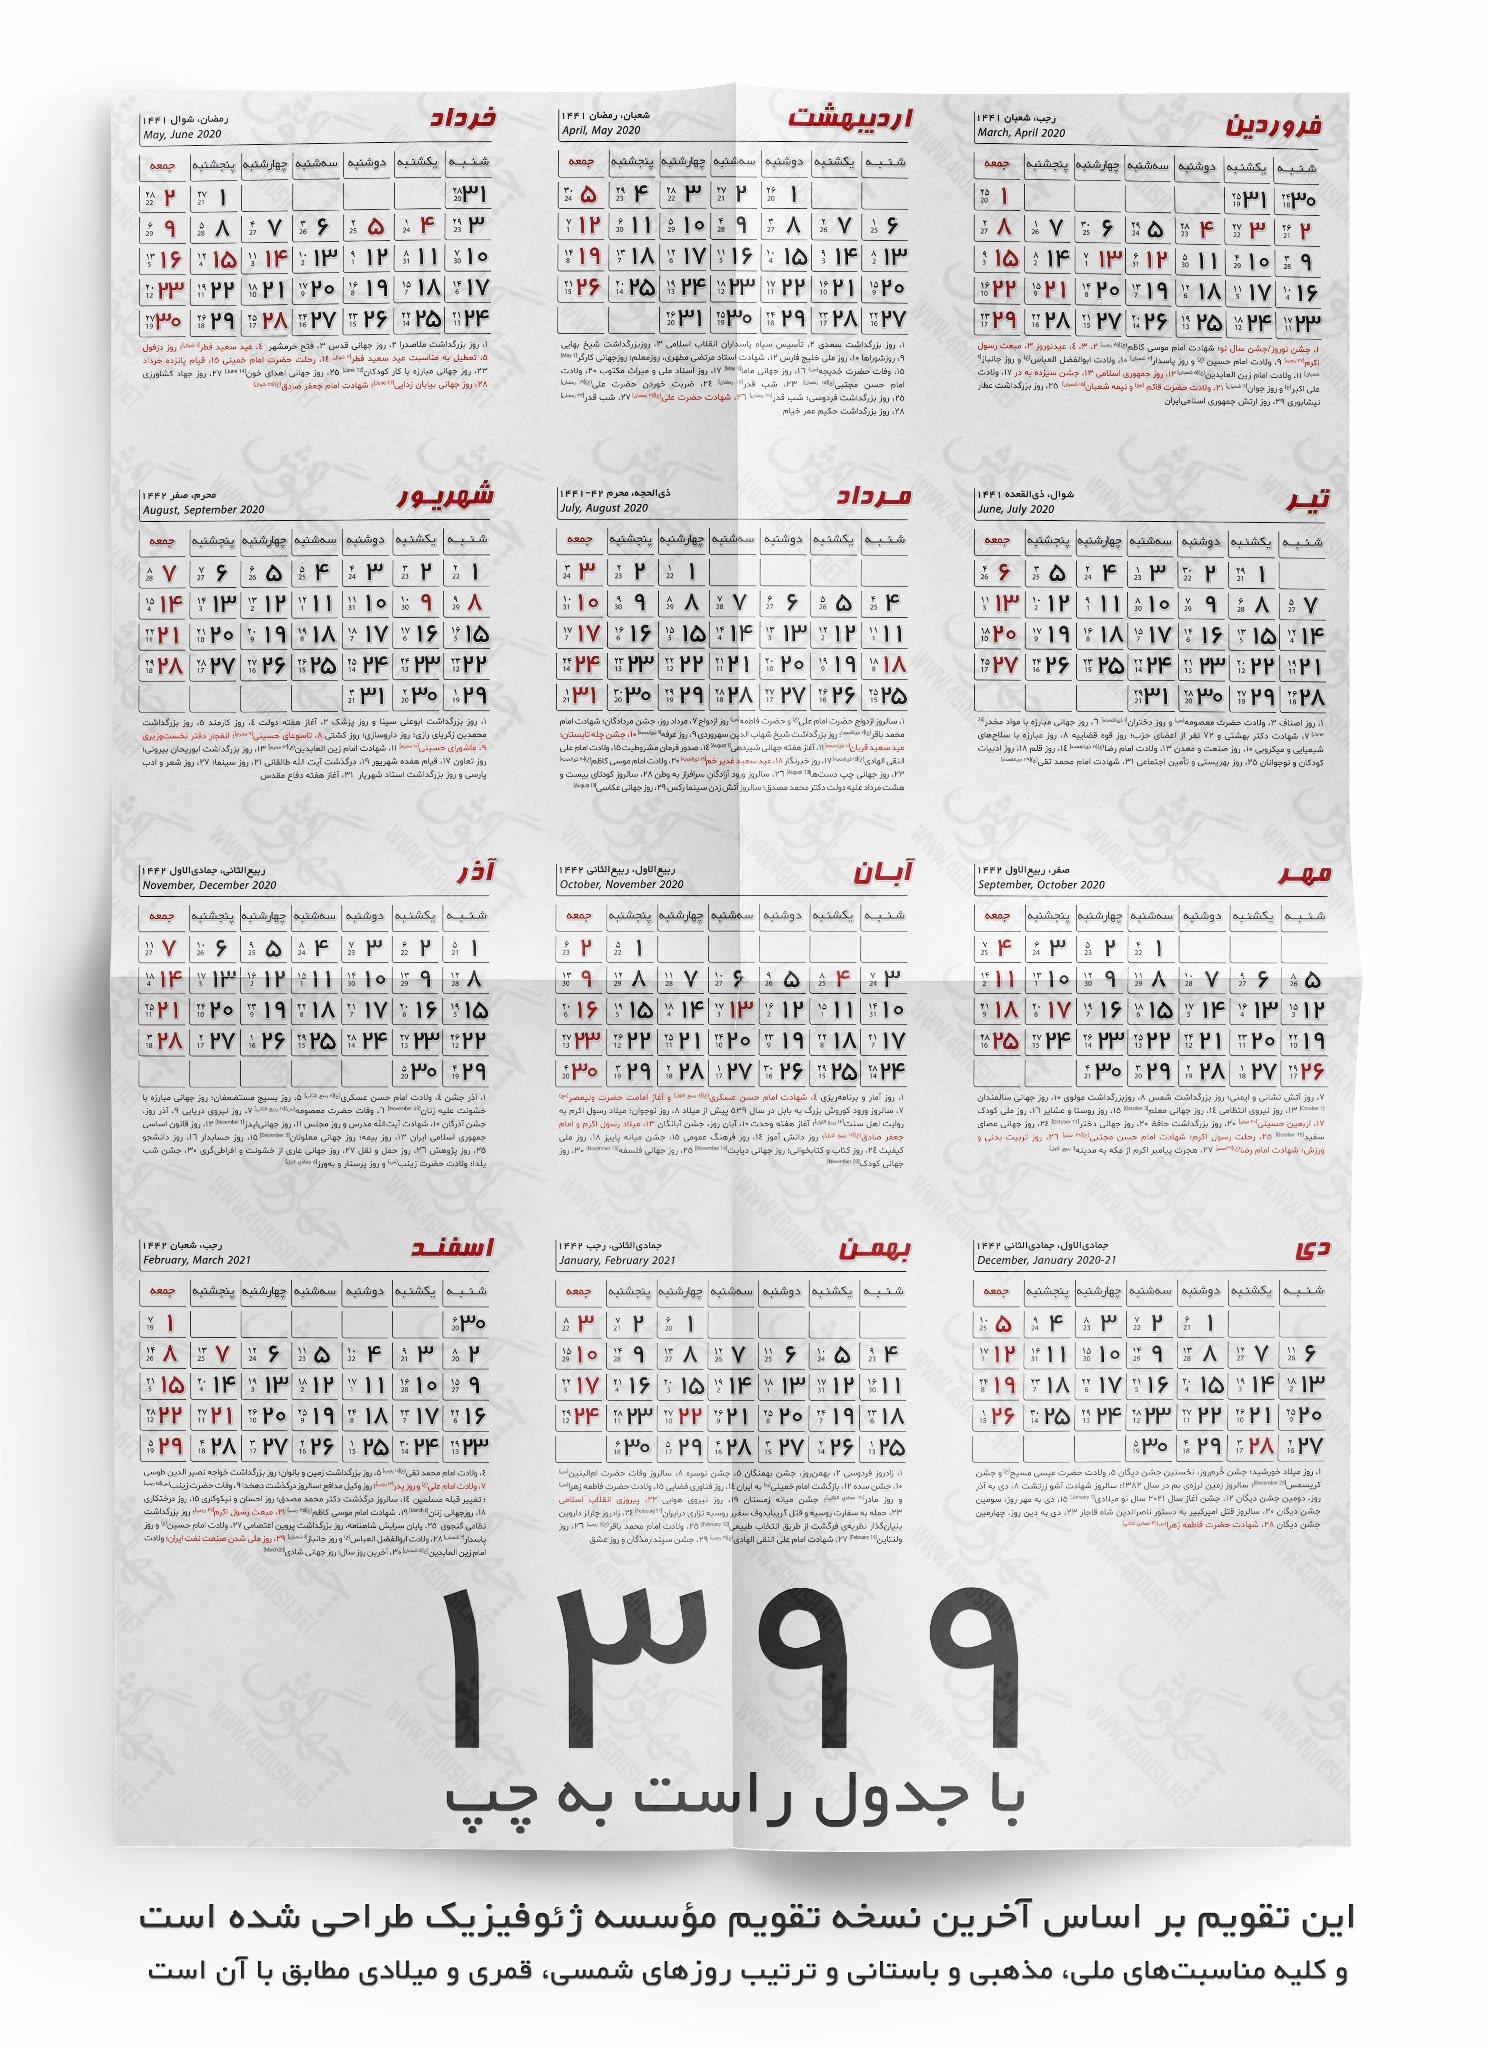 دانلود جدول تقویم ۱۳۹۹